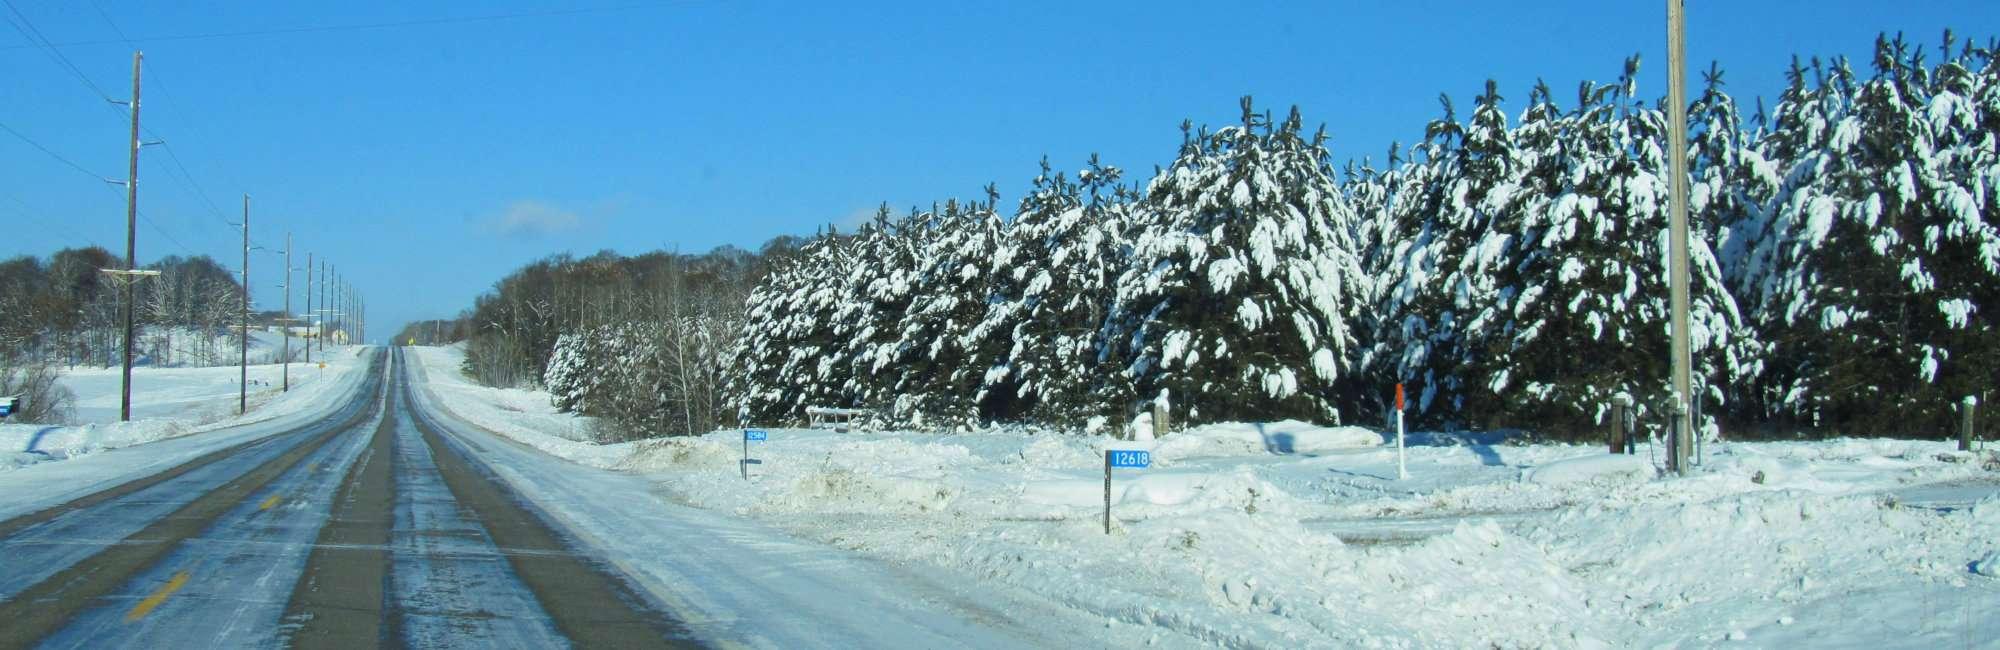 Slide-Winter-Winter-Guide